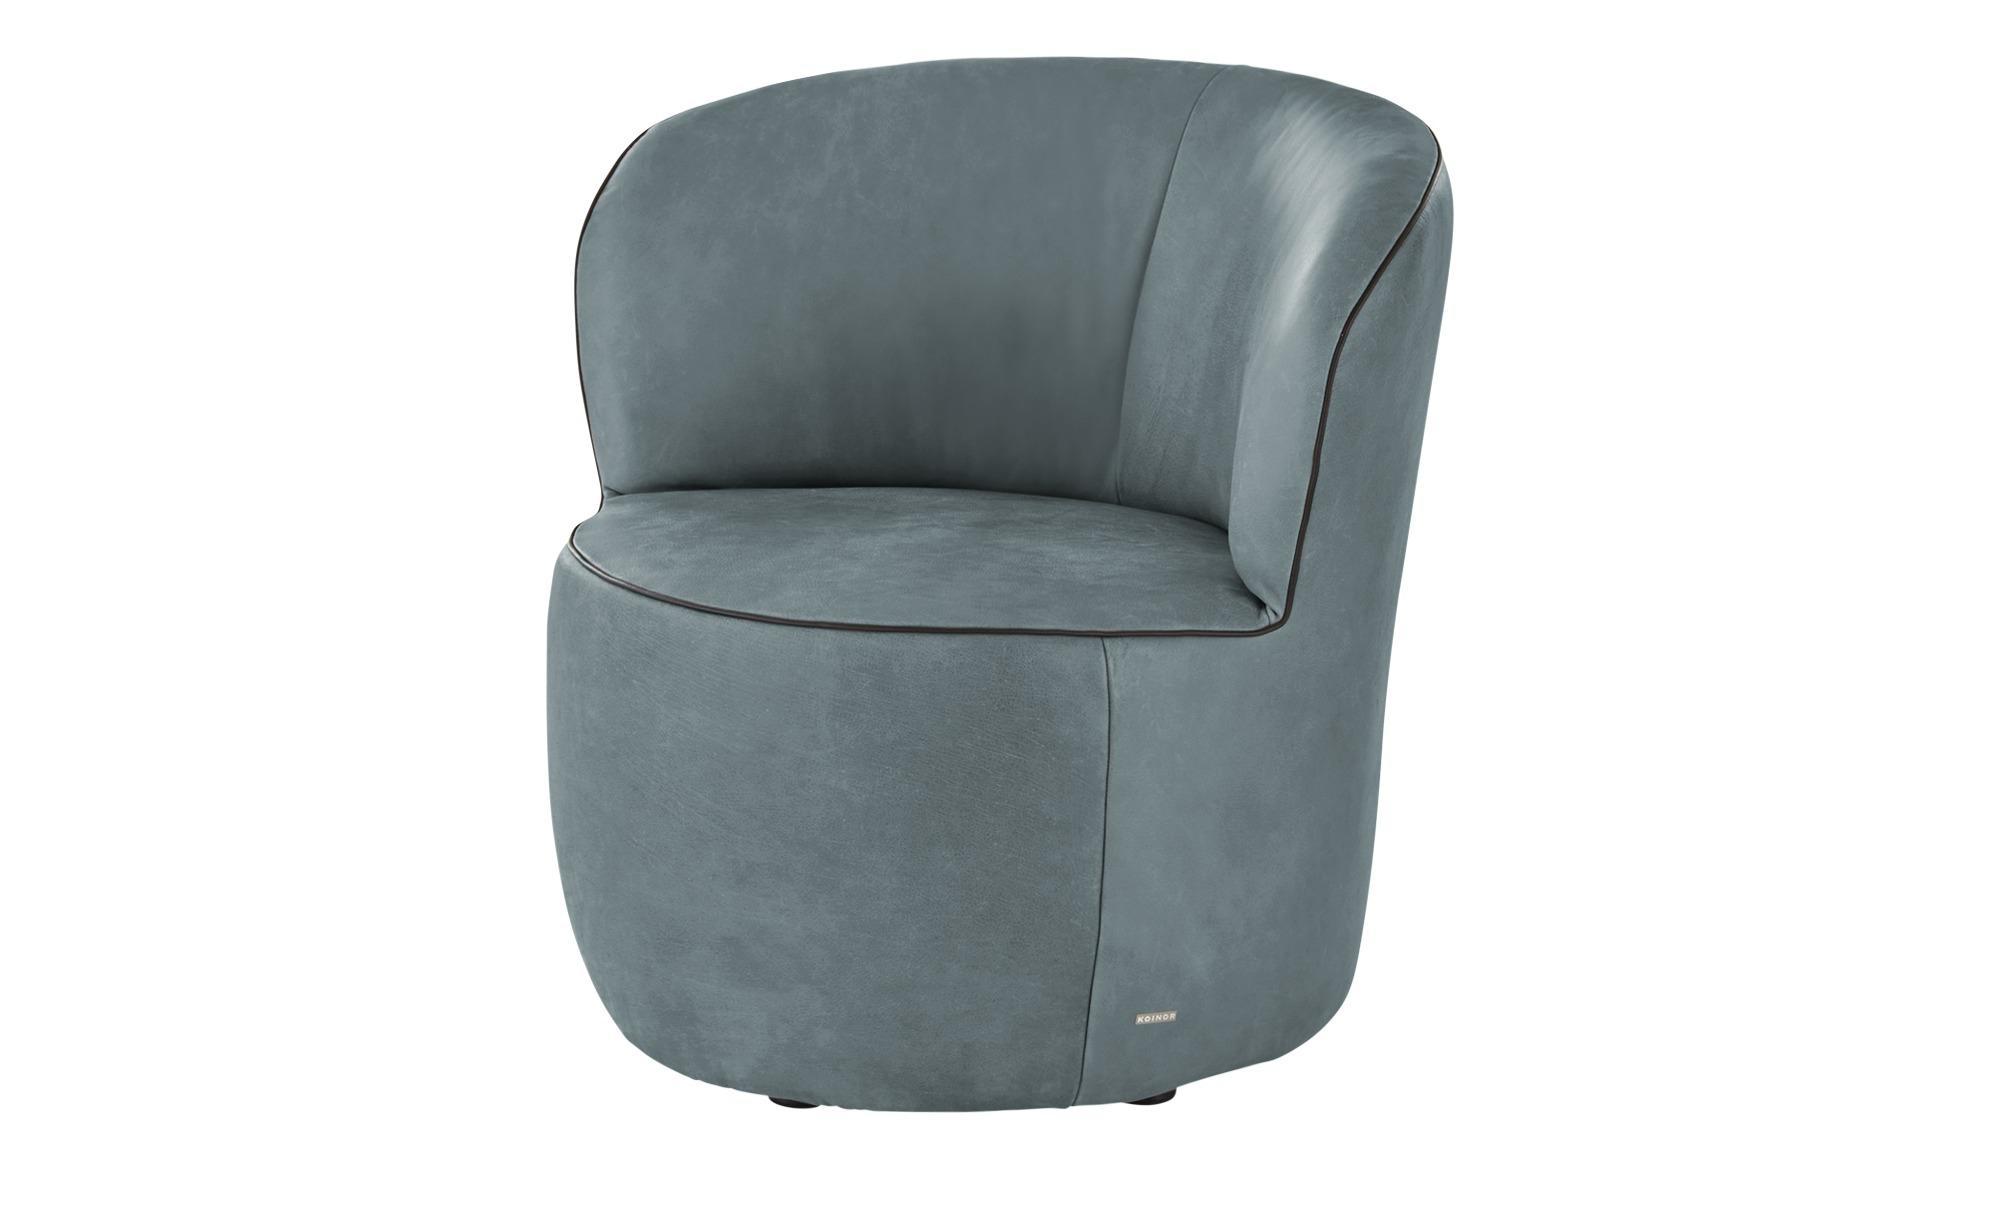 KOINOR Sessel  Igor ¦ blau ¦ Maße (cm): B: 73 H: 70 T: 72 Polstermöbel > Sessel > Ledersessel - Höffner